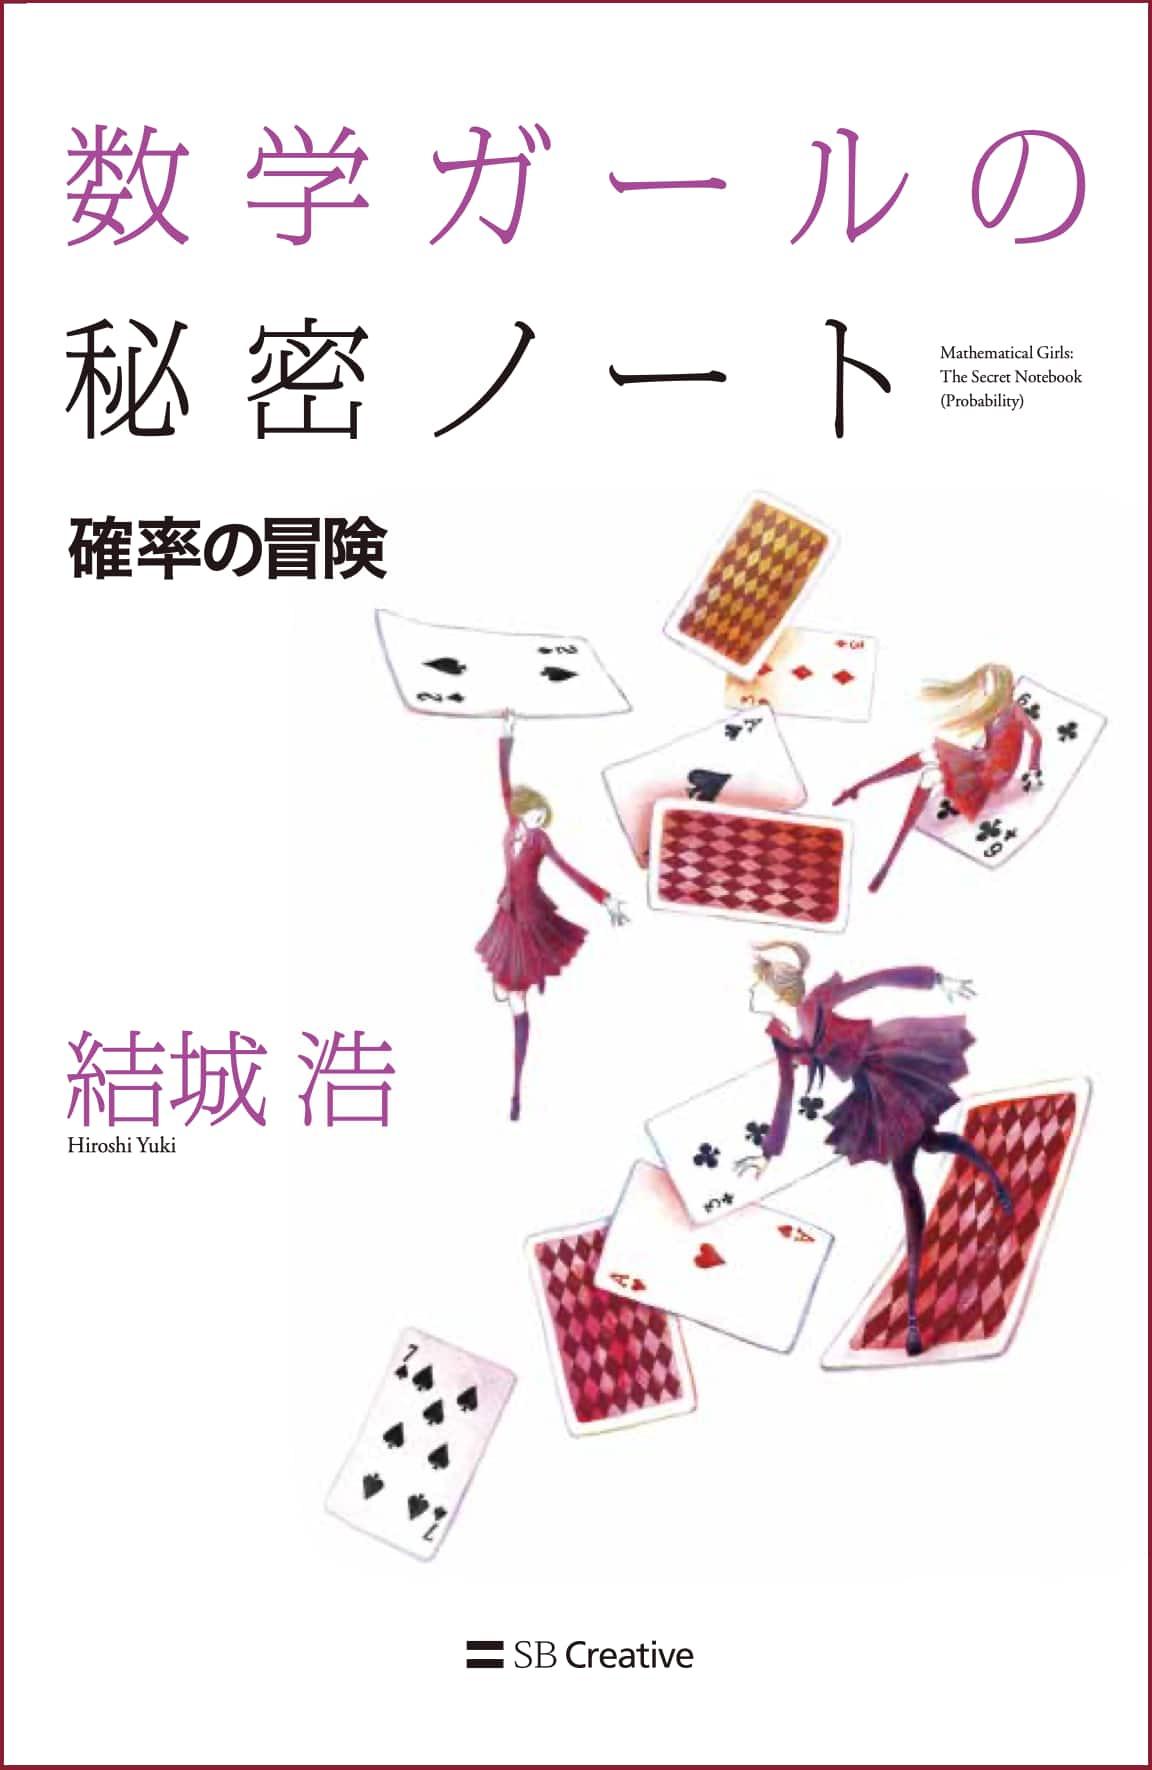 『数学ガールの秘密ノート/確率の冒険』表紙